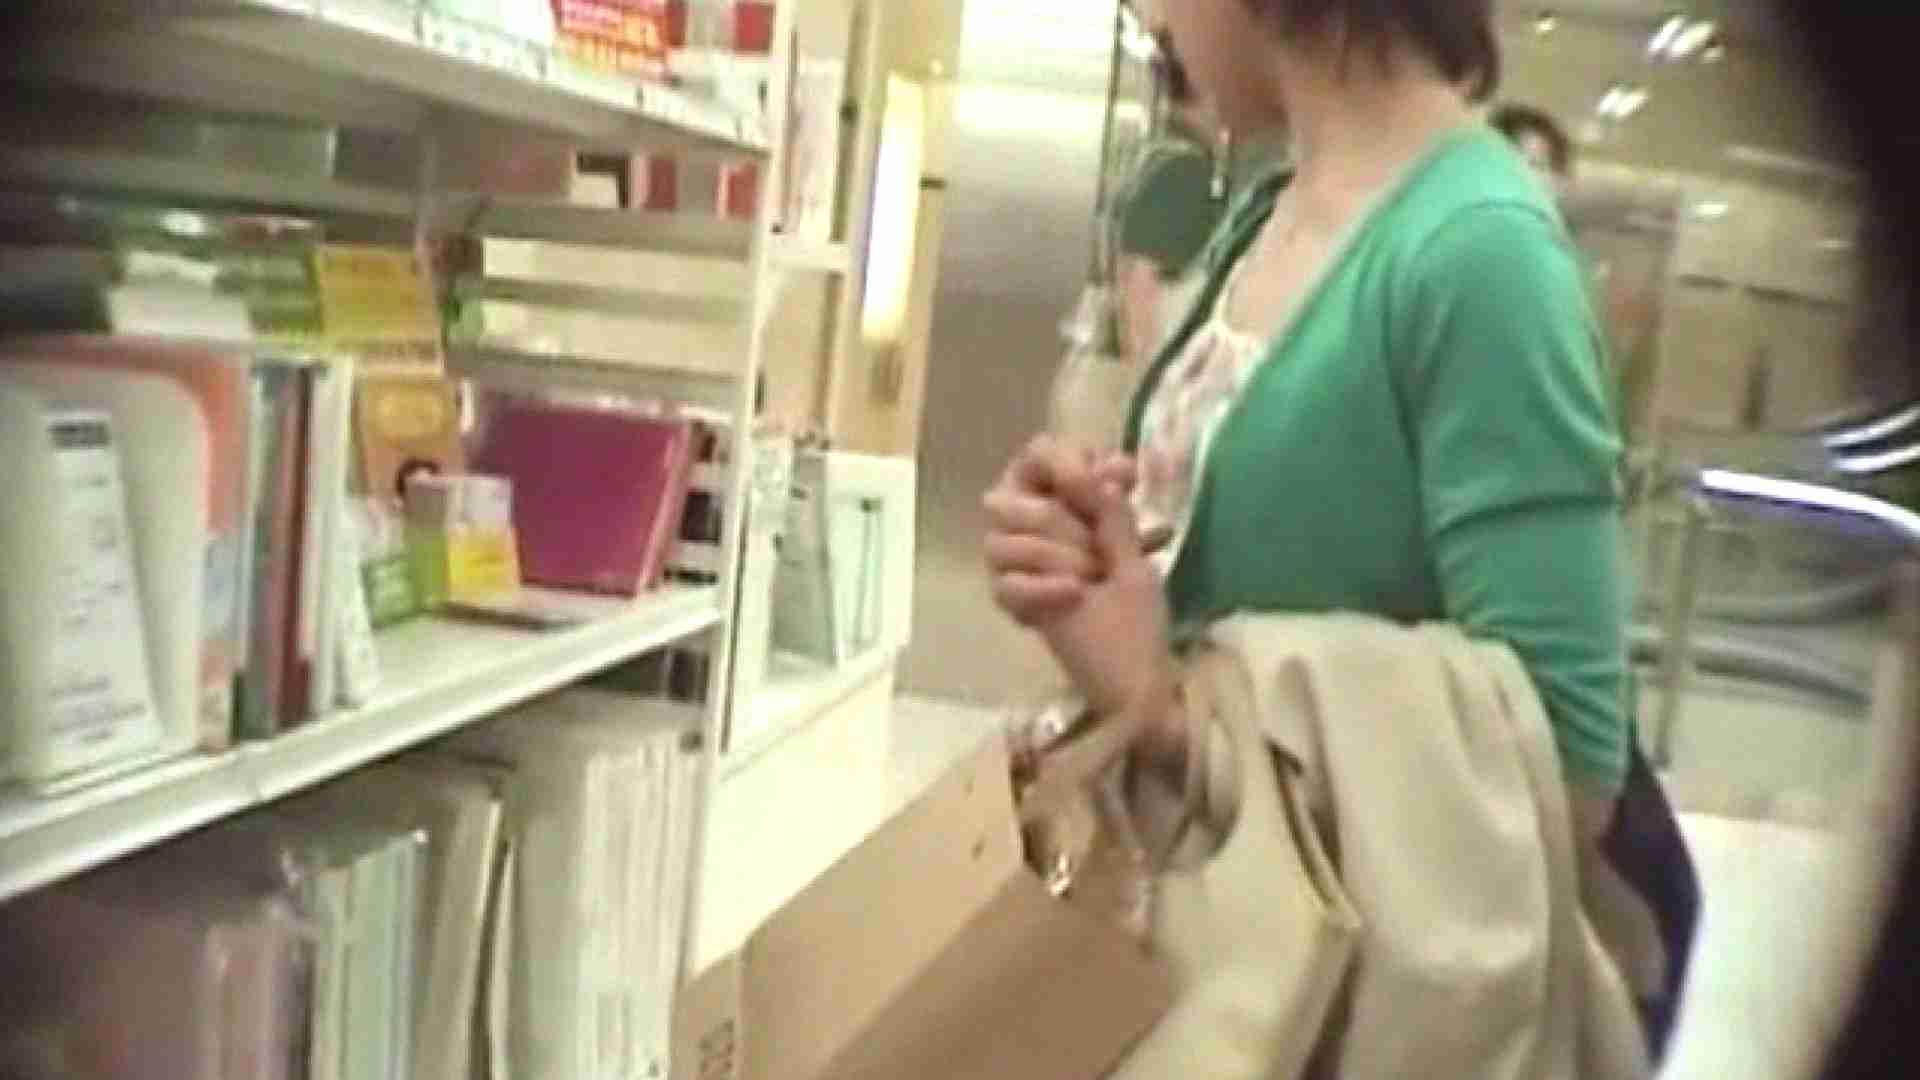 真剣に買い物中のgal達を上から下から狙います。vol.06 JKのエロ生活 | OLのエロ生活  106連発 3